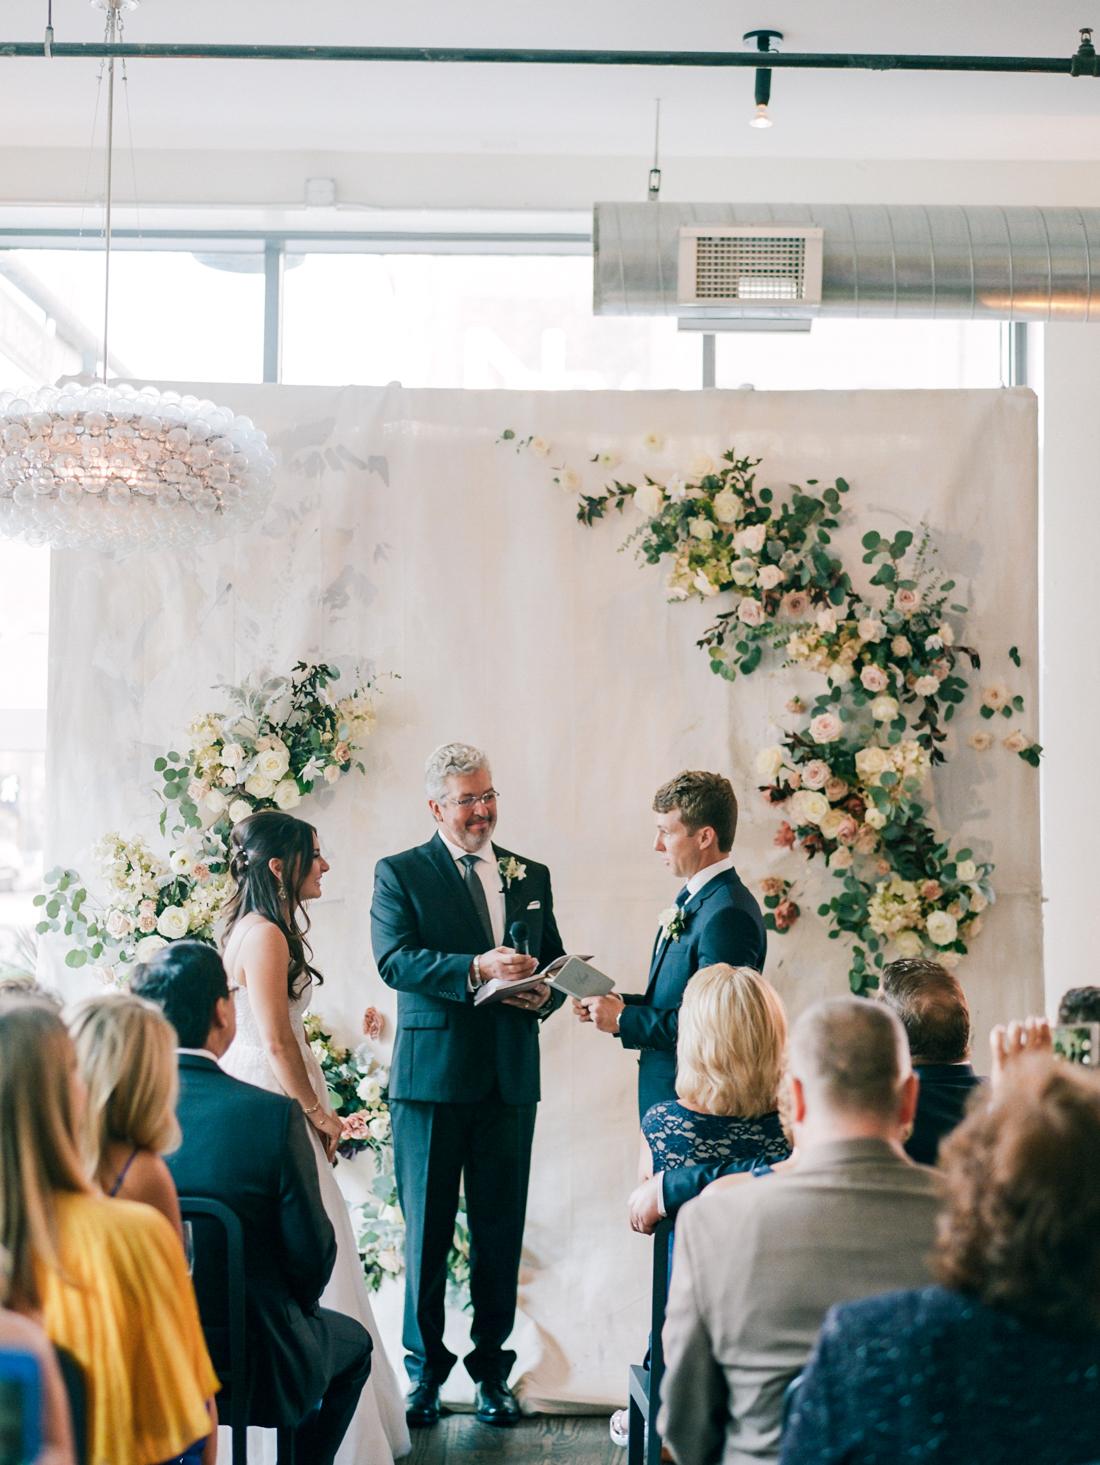 Kristin_Brett_TheKitchen_Denver_Wedding_by_Connie_Whitlock_web_198.jpg